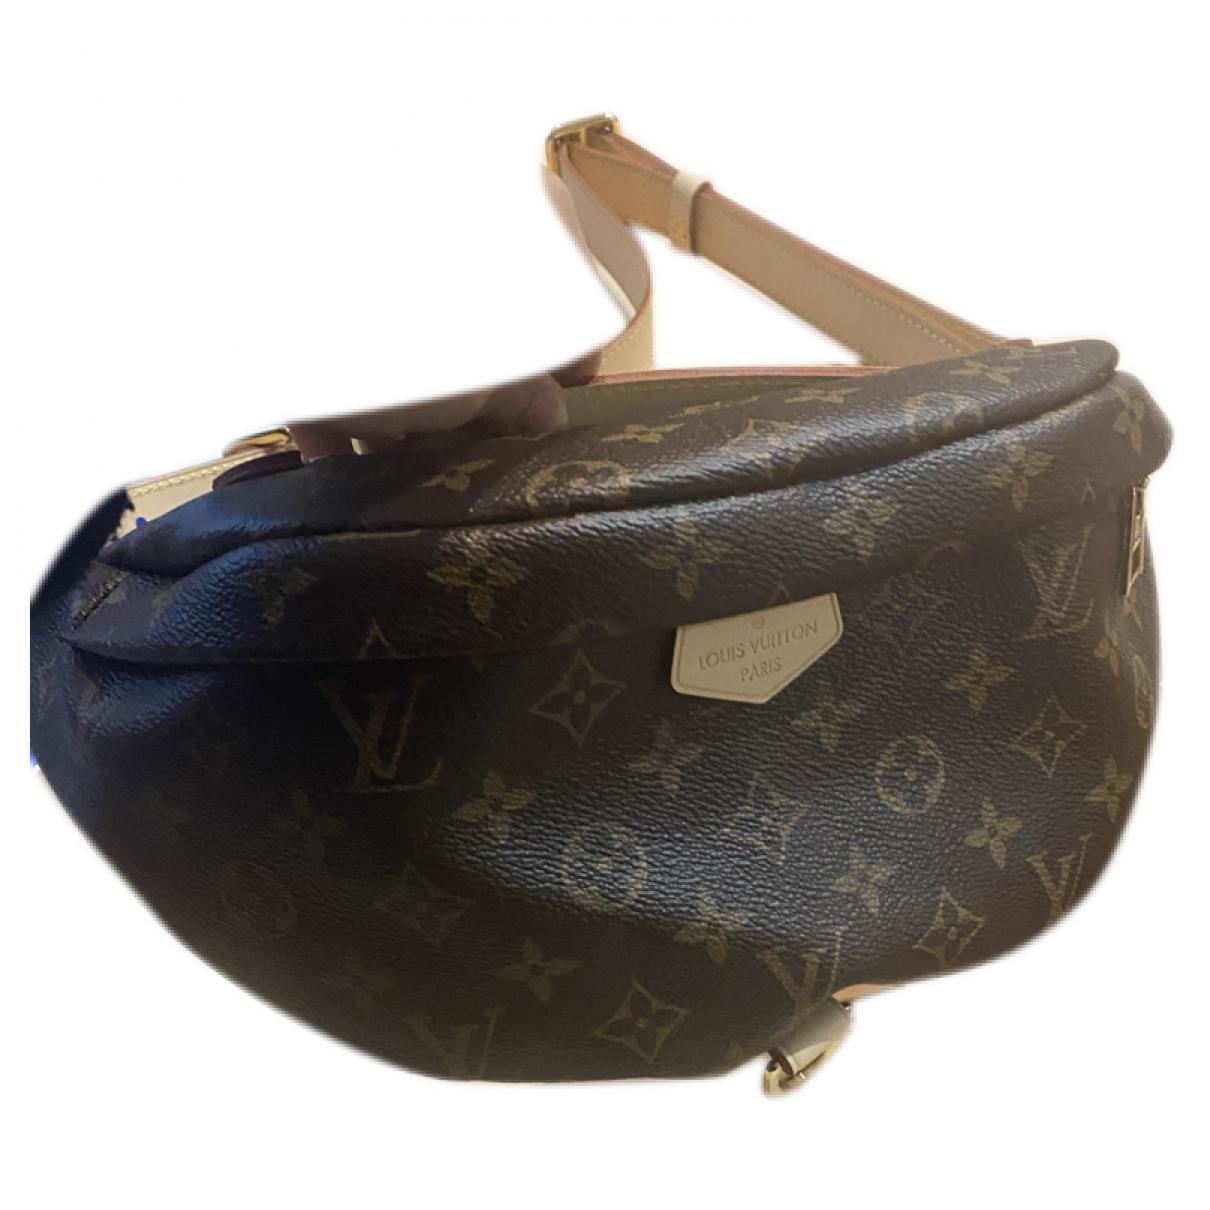 Pochette Bum Bag / Sac Ceinture de Lona Louis Vuitton